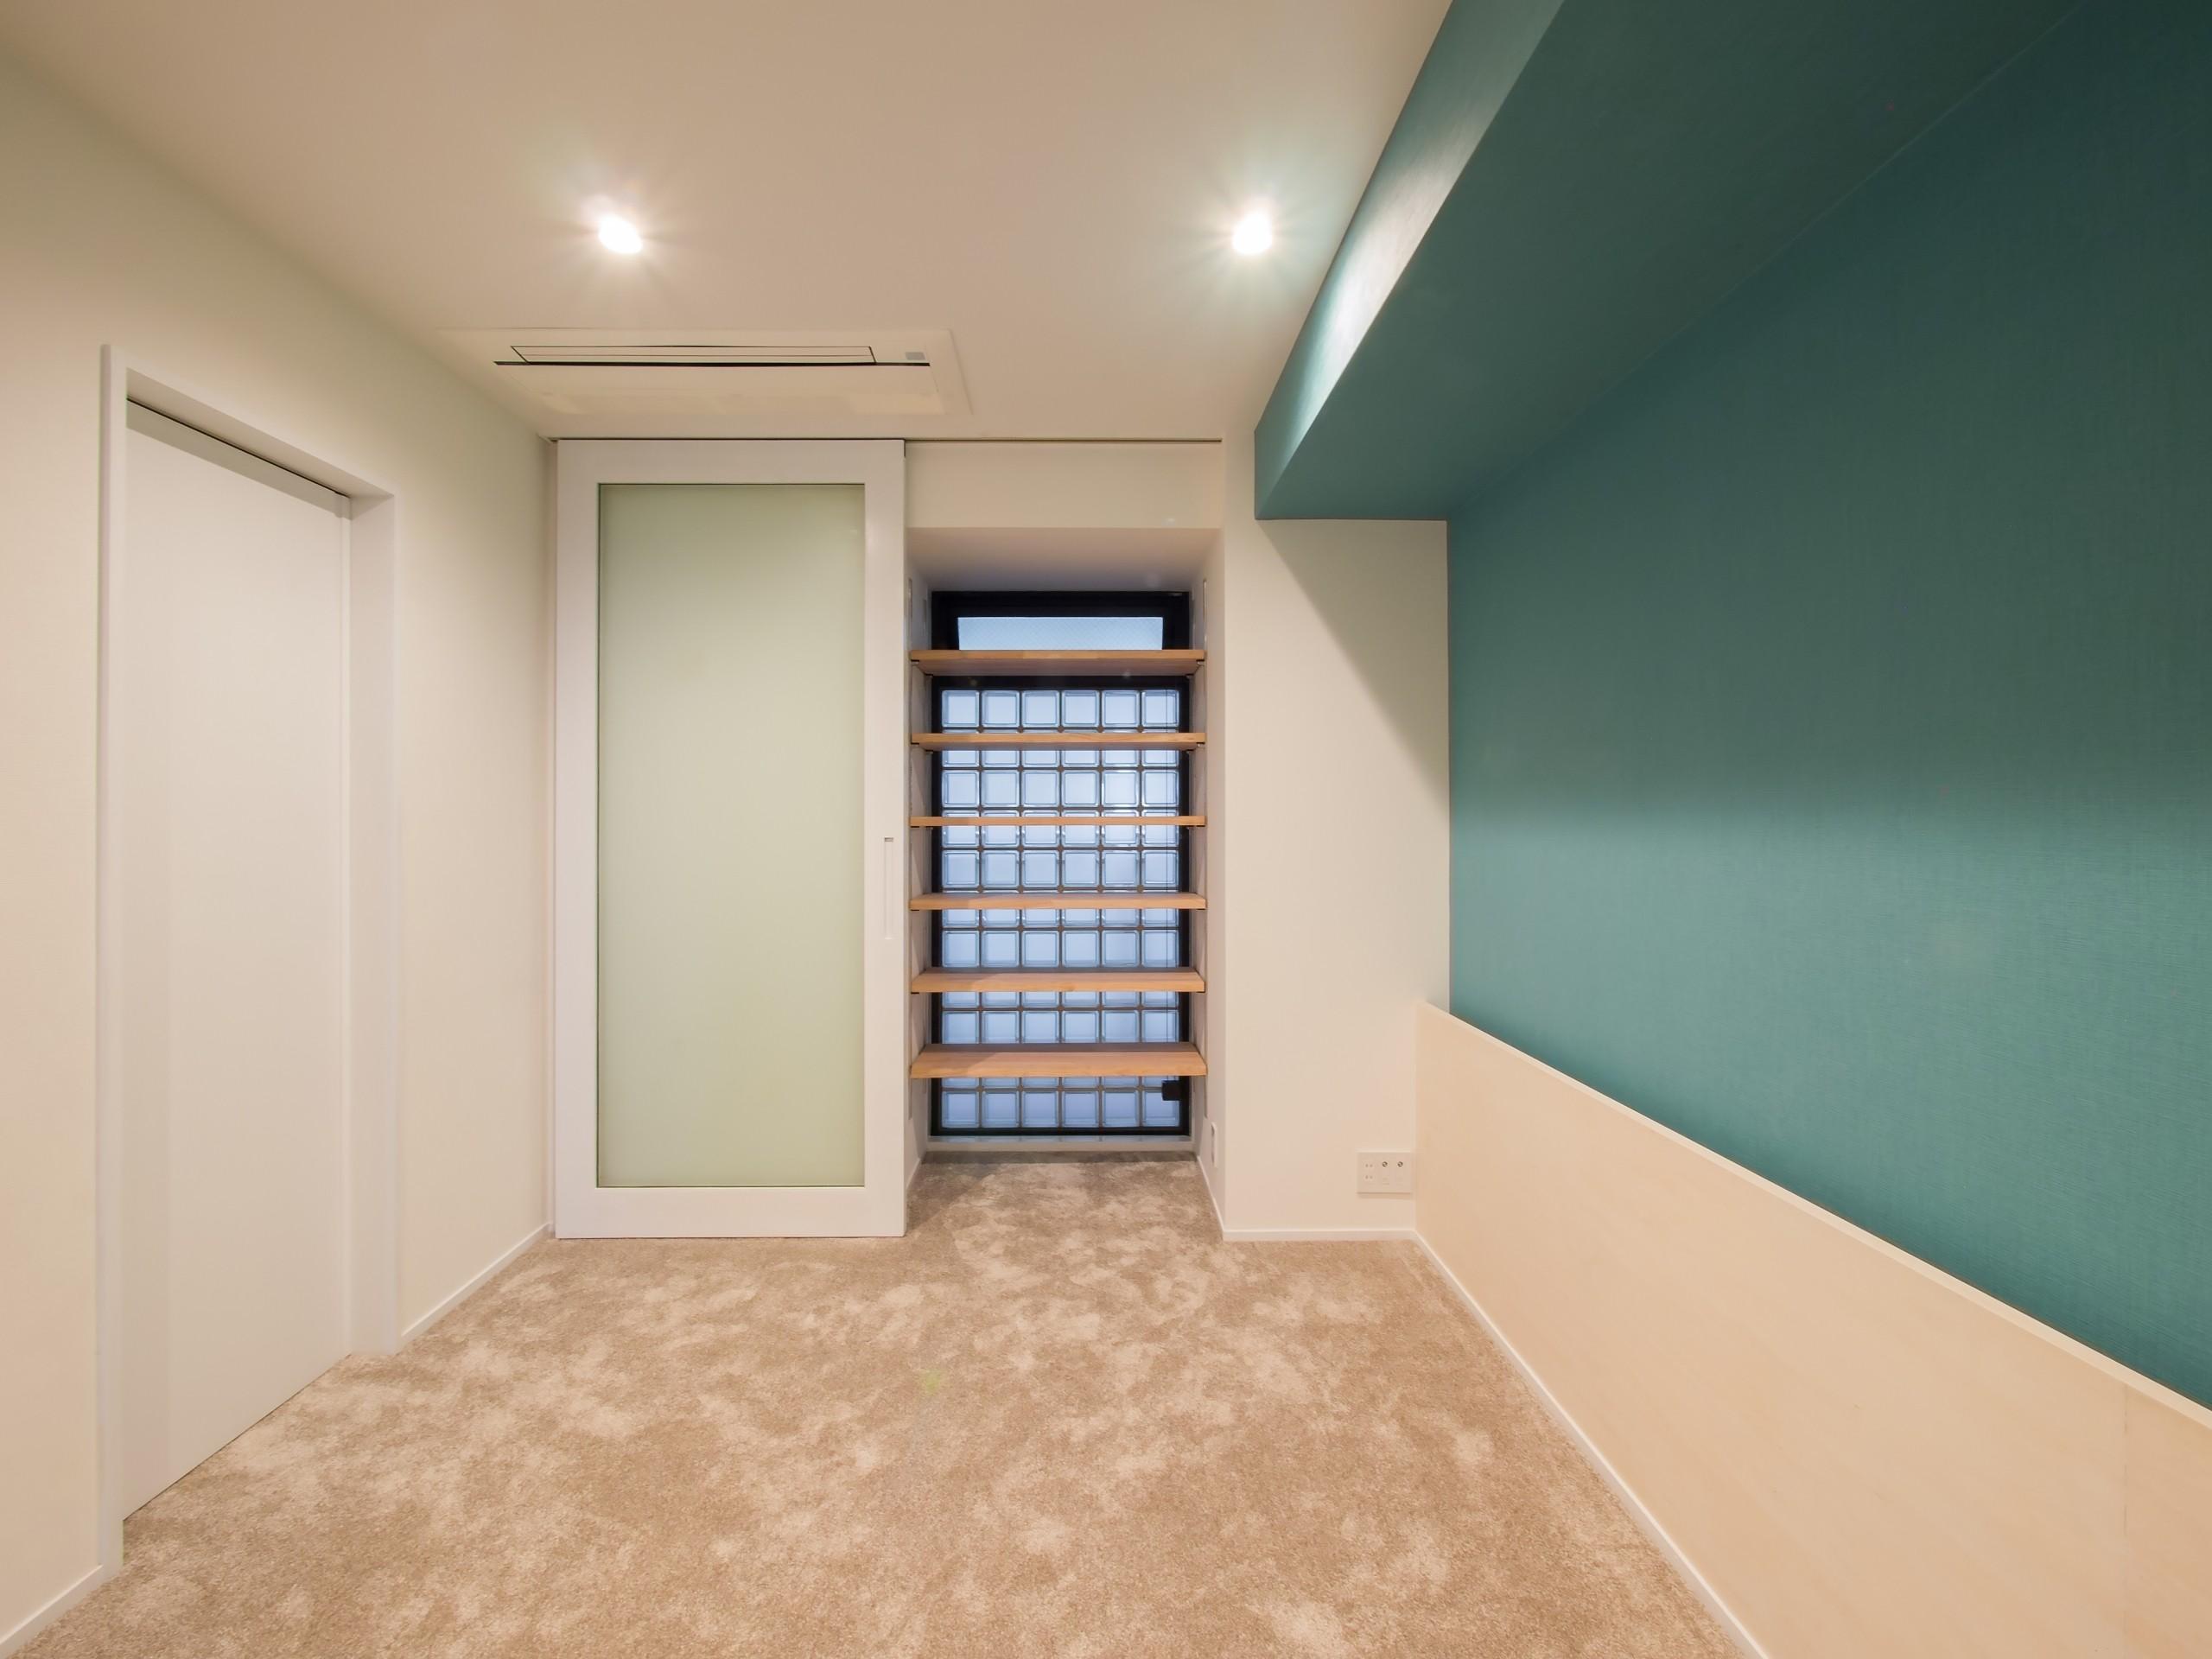 ベッドルーム事例:ヘッドボードを造り付けた寝室(望楼の家 すくすくリノベーションvol.10)